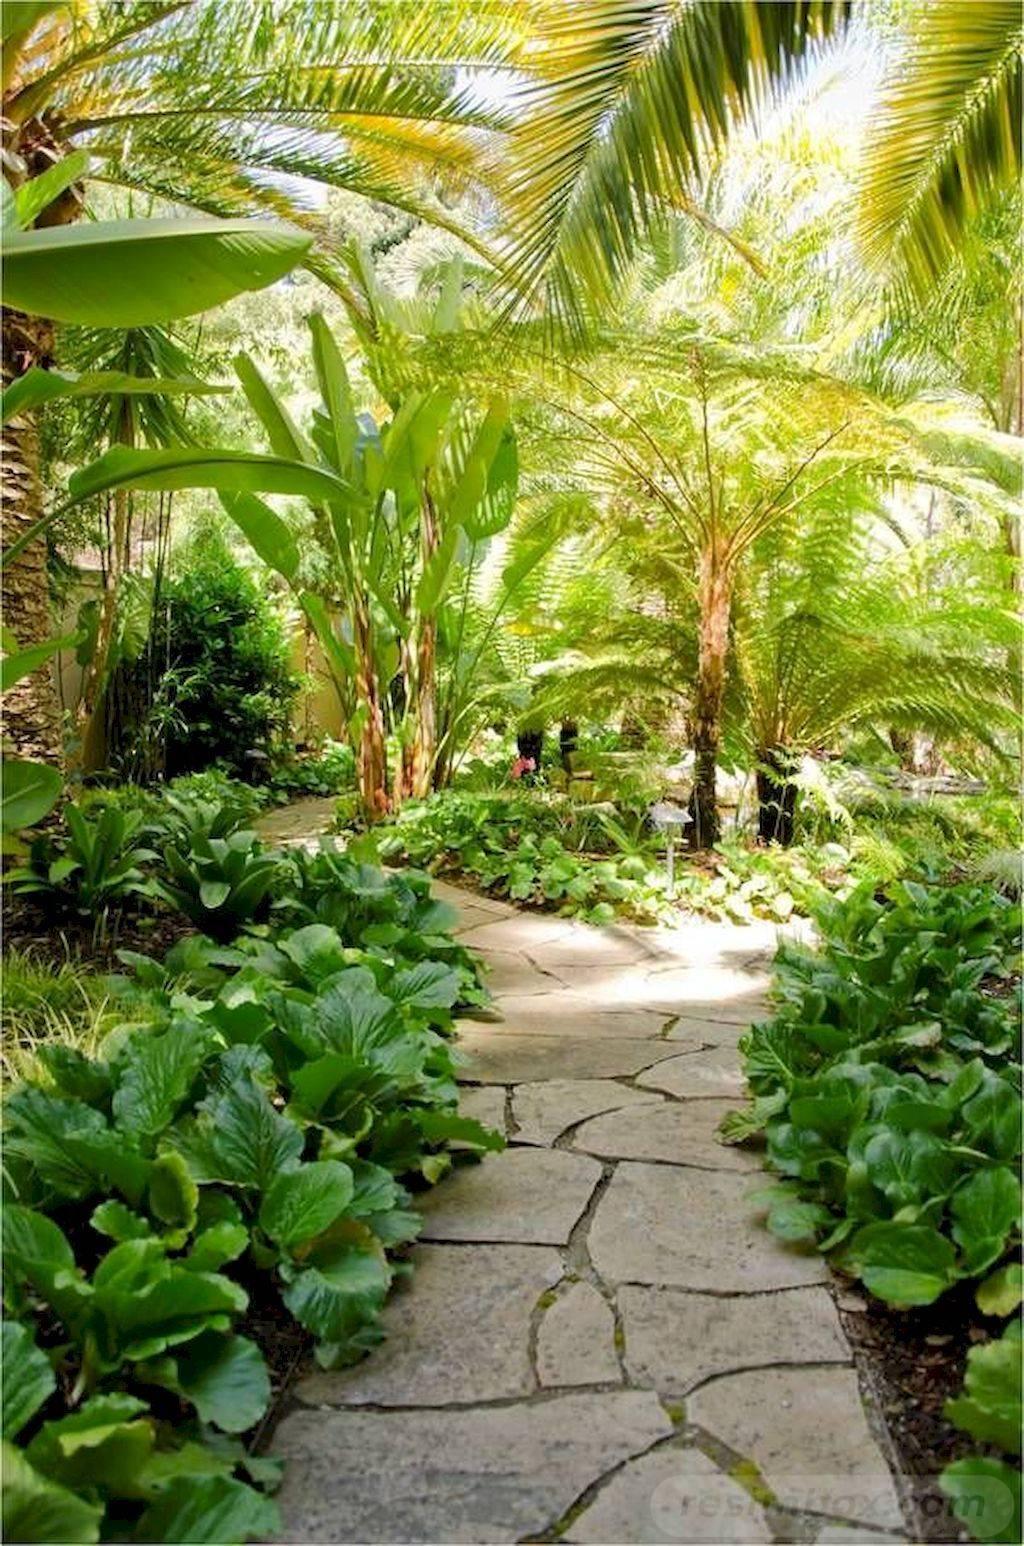 tropical garden ideas-625367098237790986